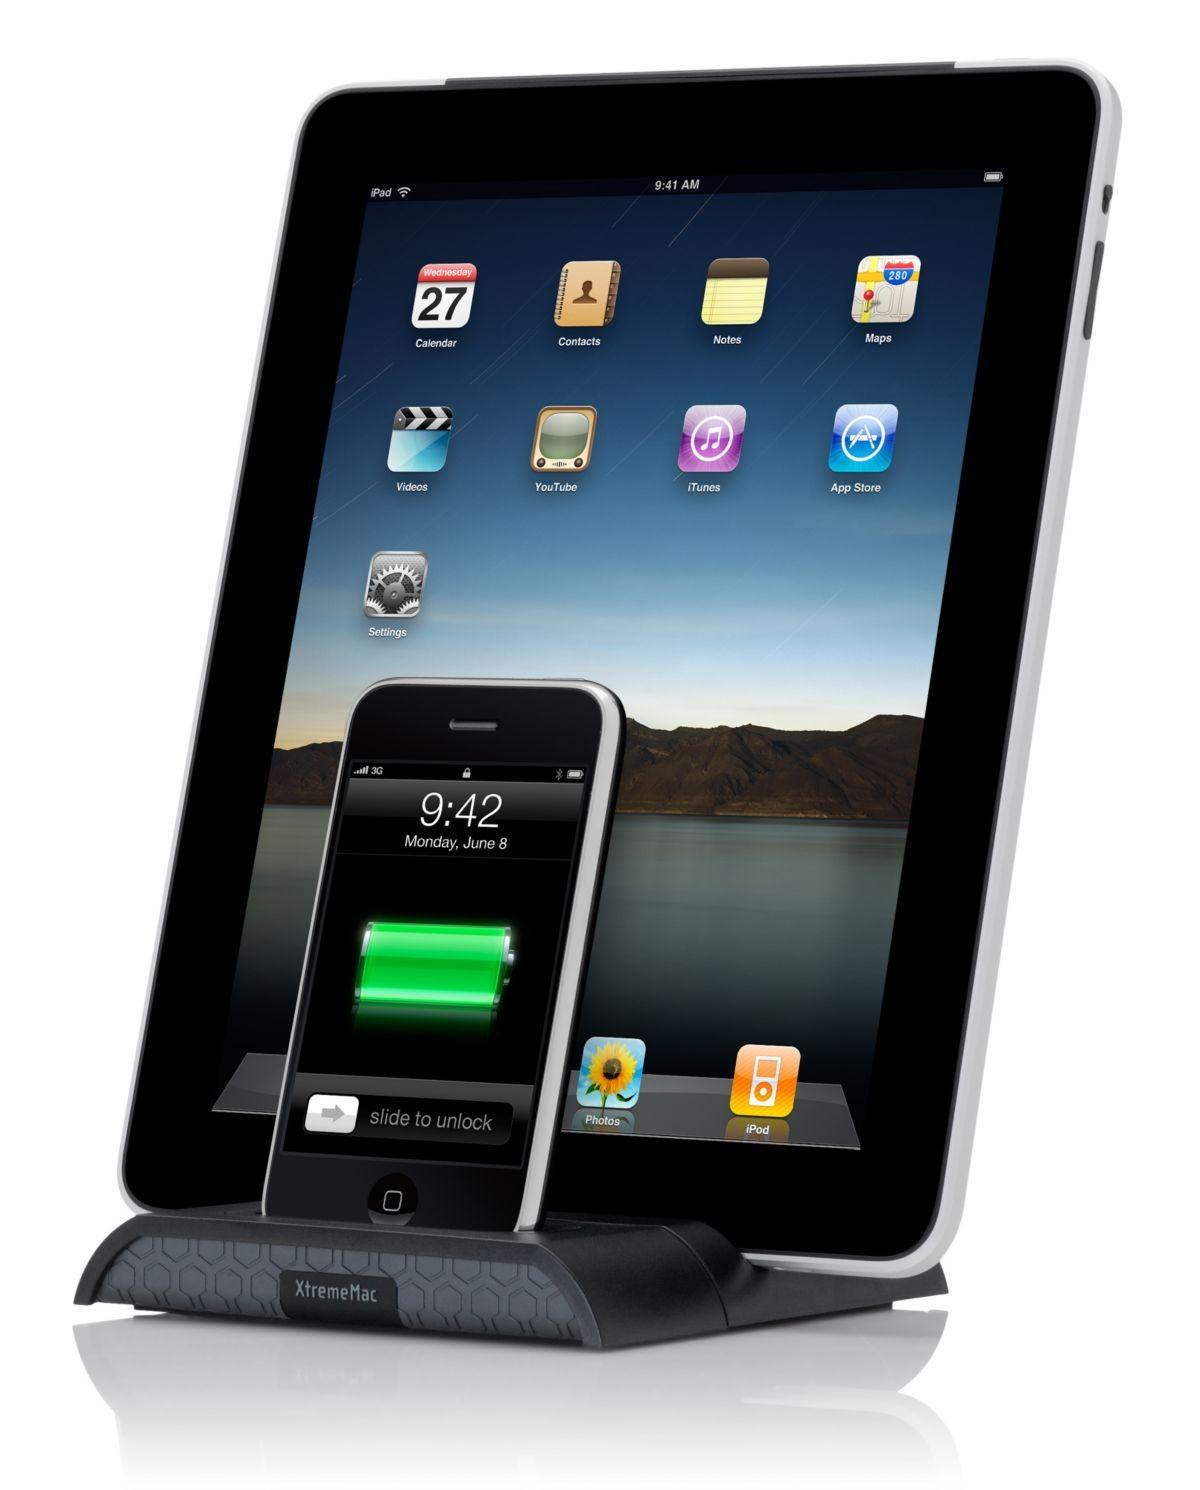 XtremeMac 2.1 Amp Dobbelt Docking Station til iPhone, iPod & iPad - Sort